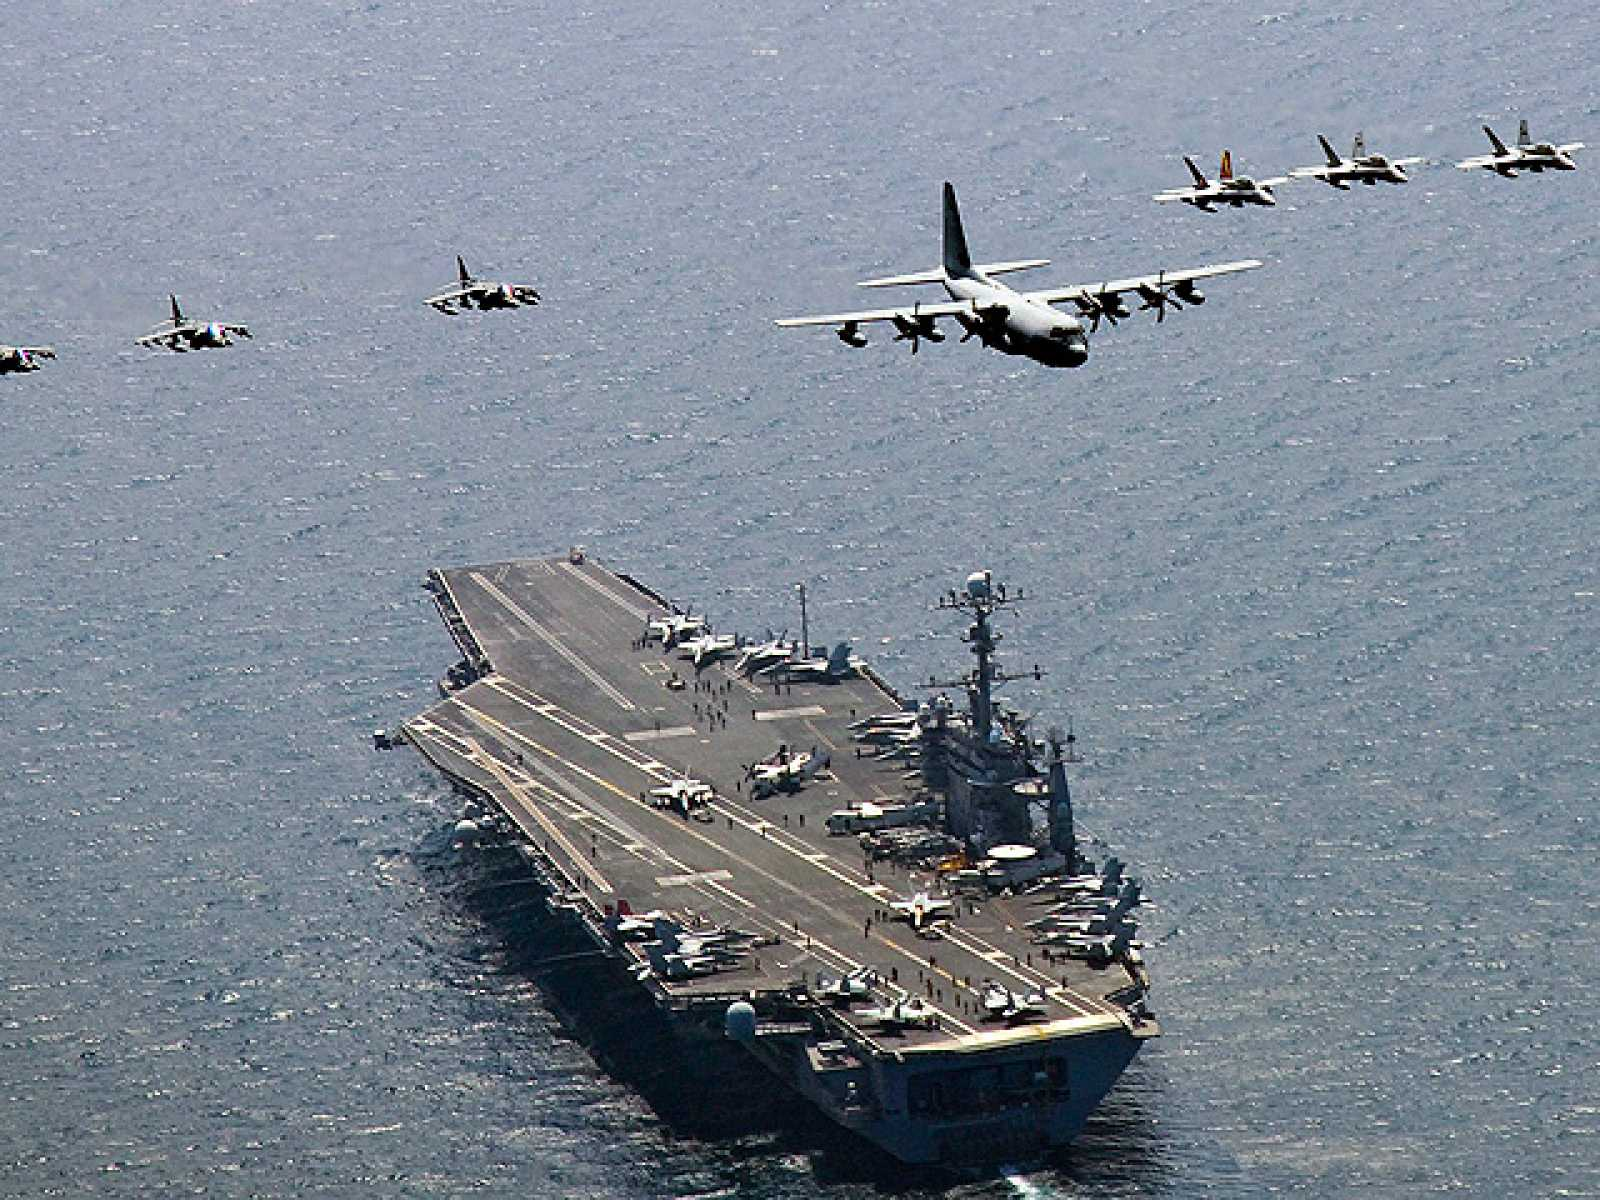 EE. UU. y Corea del Sur reanudarán maniobras marítimas conjuntas por primera vez en 6 meses